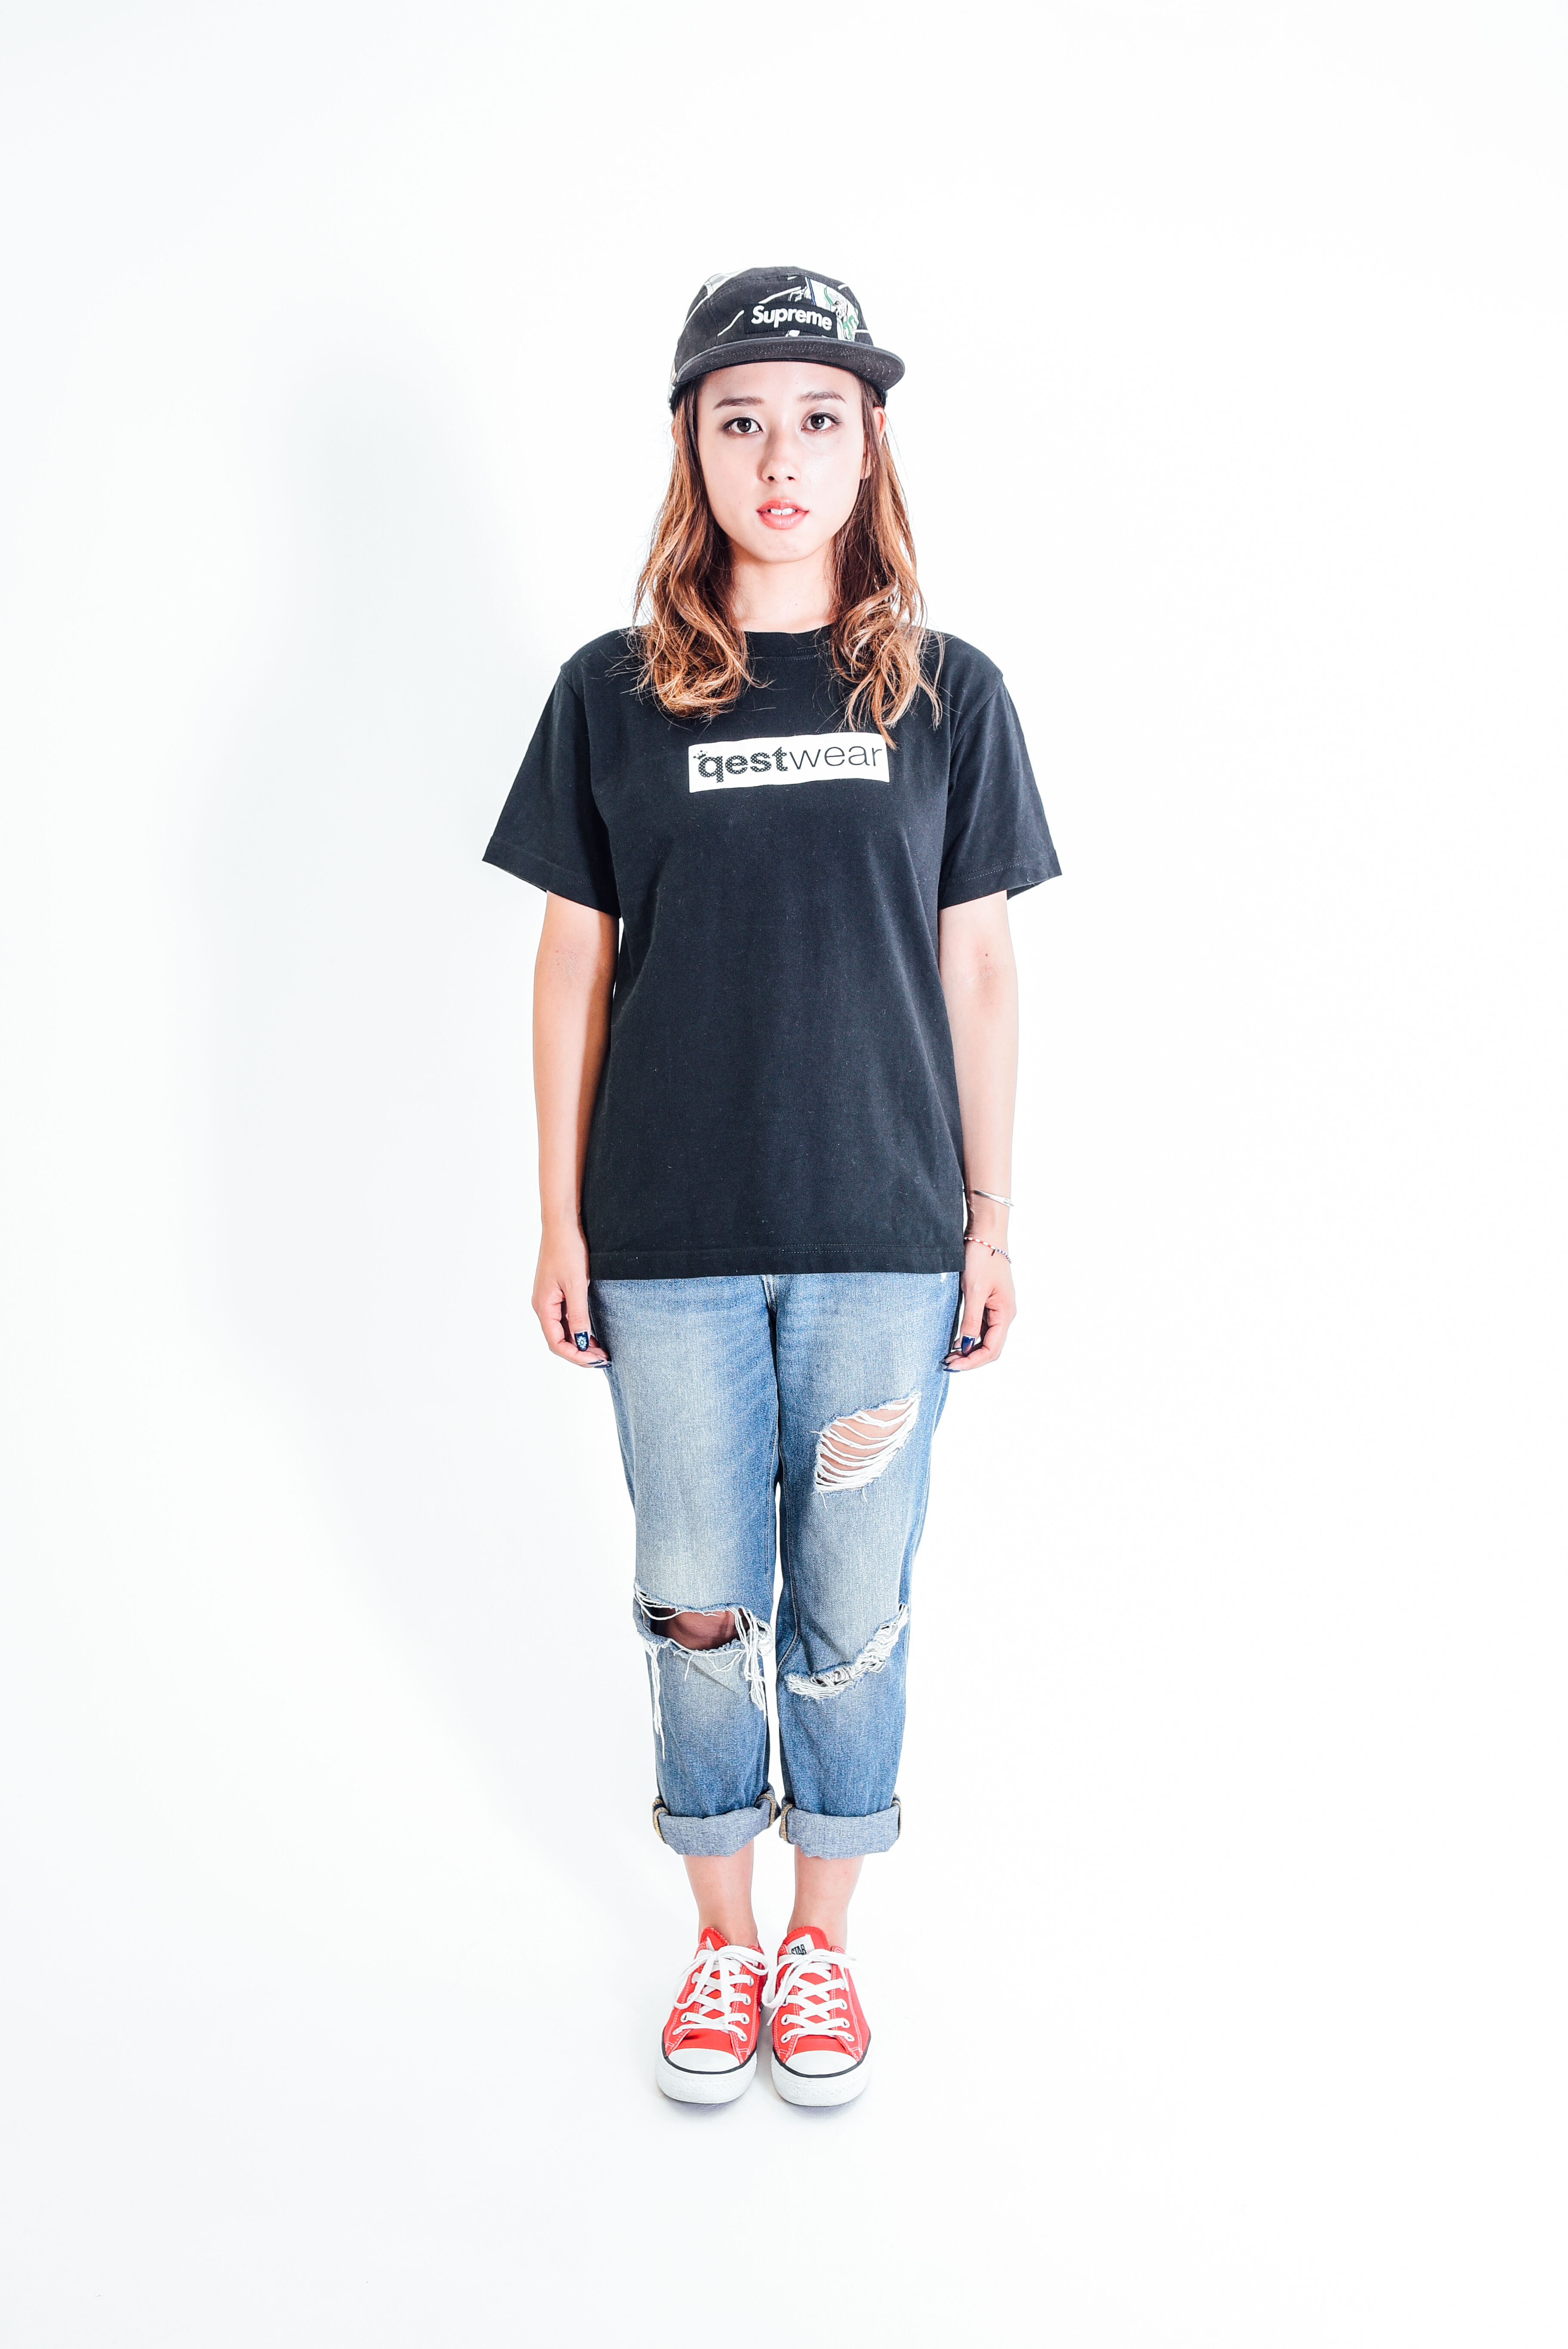 Box Logo Tshirt / Black - 画像4